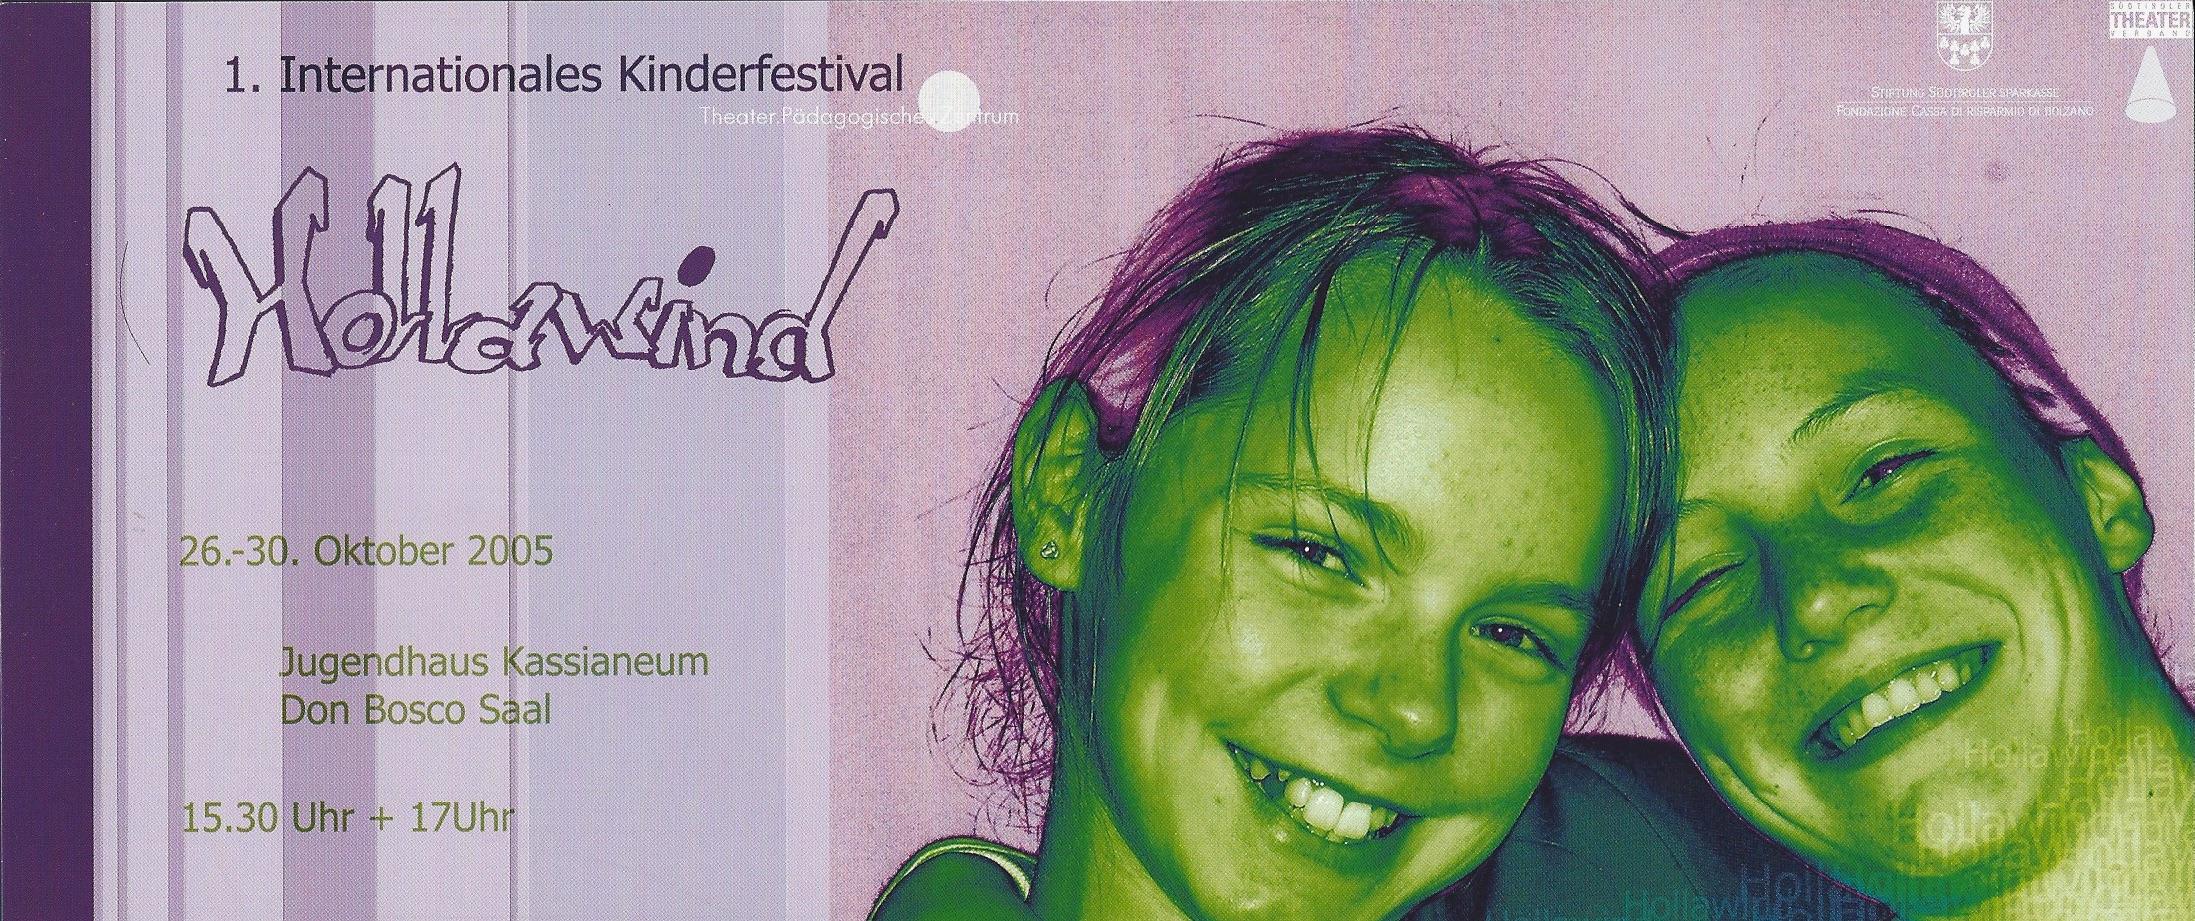 2005 hollawind plakat.jpg